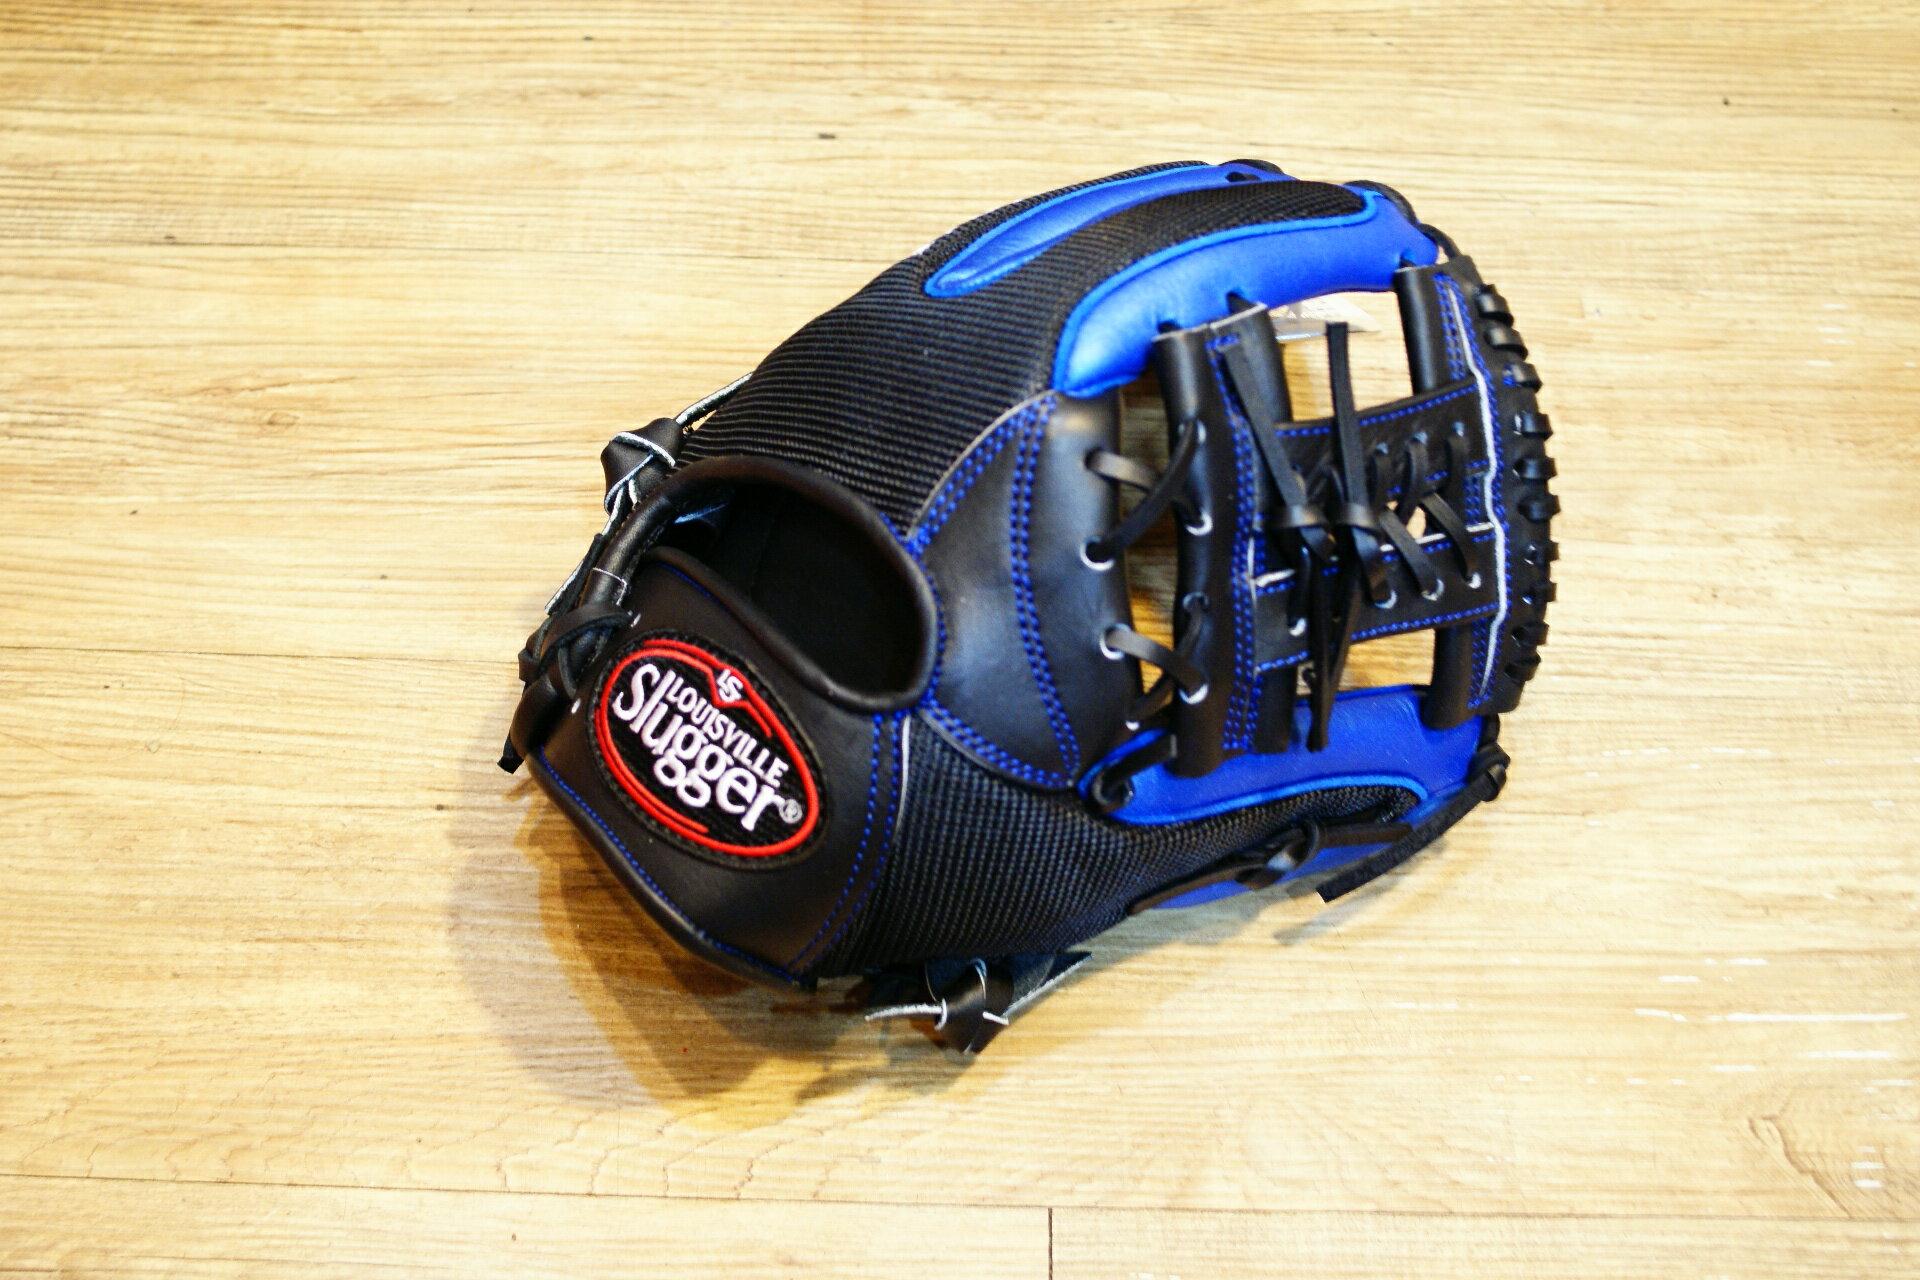 棒球世界 Louisvill Slugger 路易斯威爾TPX LS AIR布織布 內野工字棒壘球手套 特價 炫藍配色